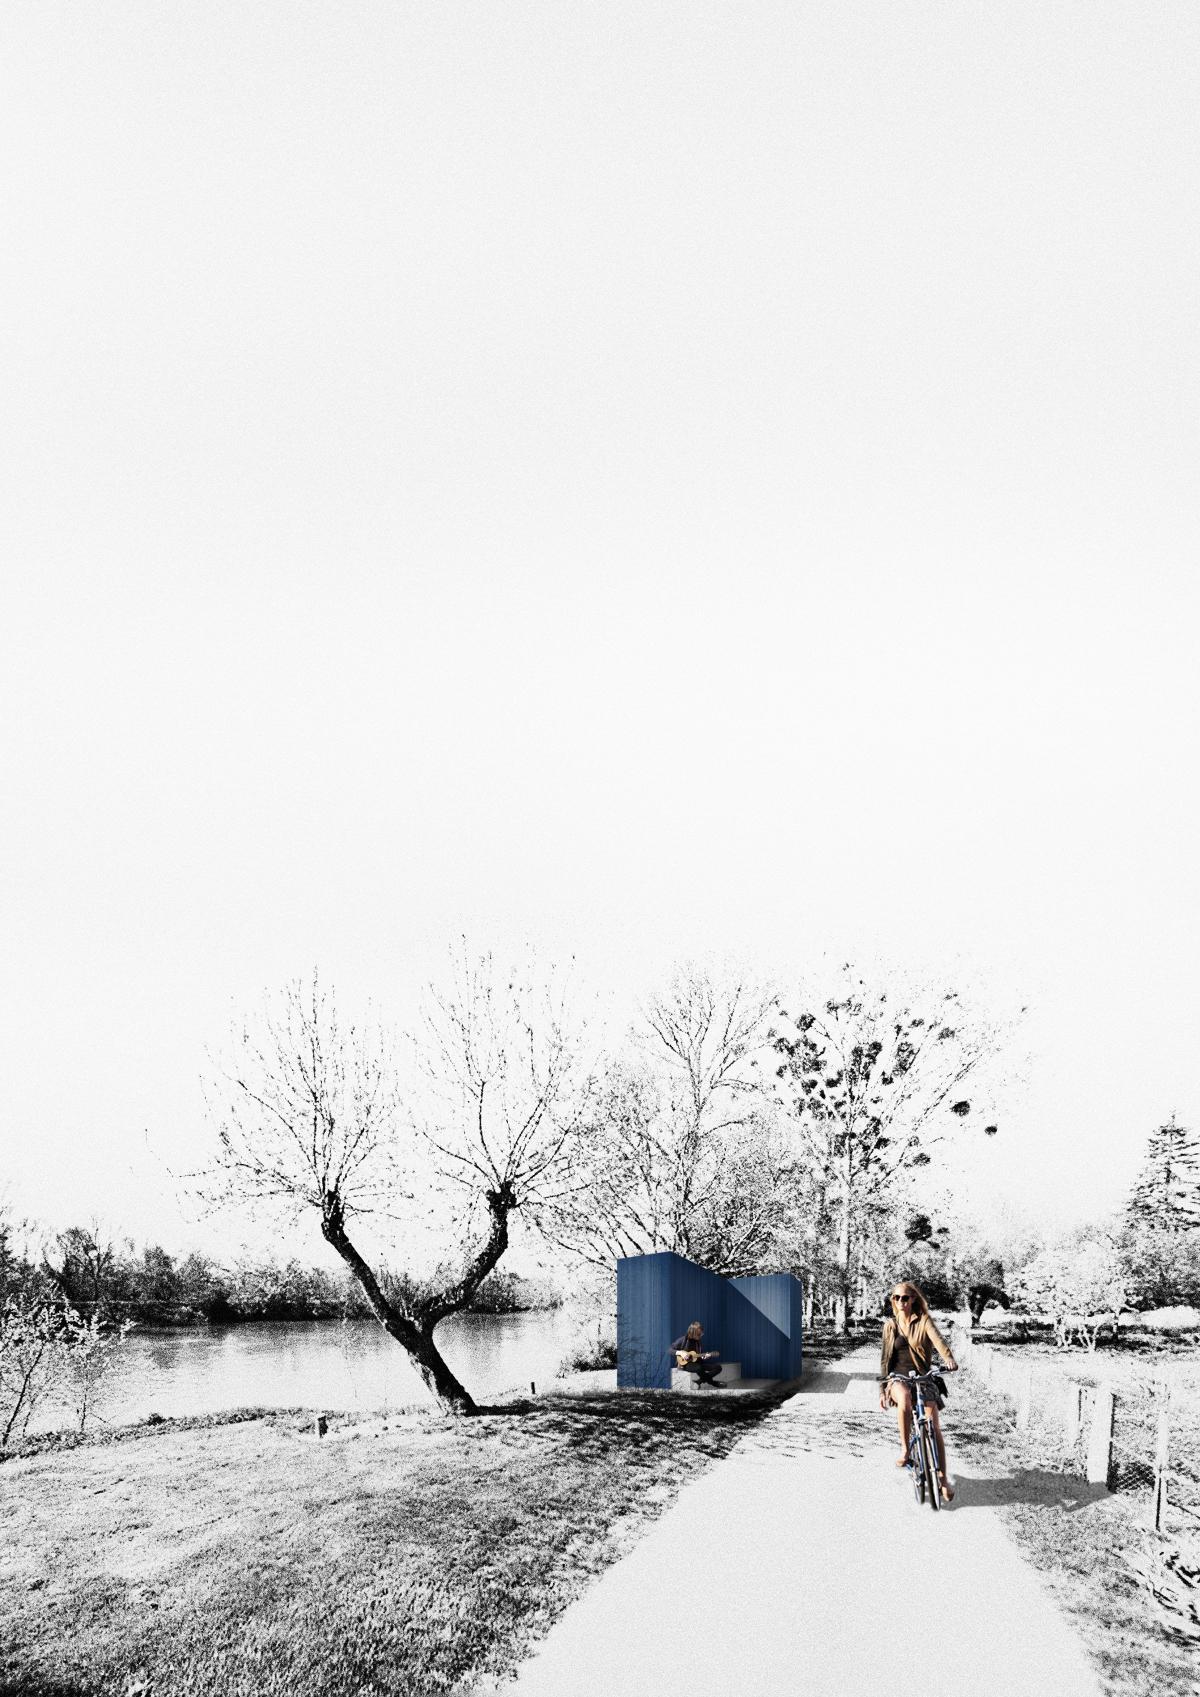 Photomontage 2/2.